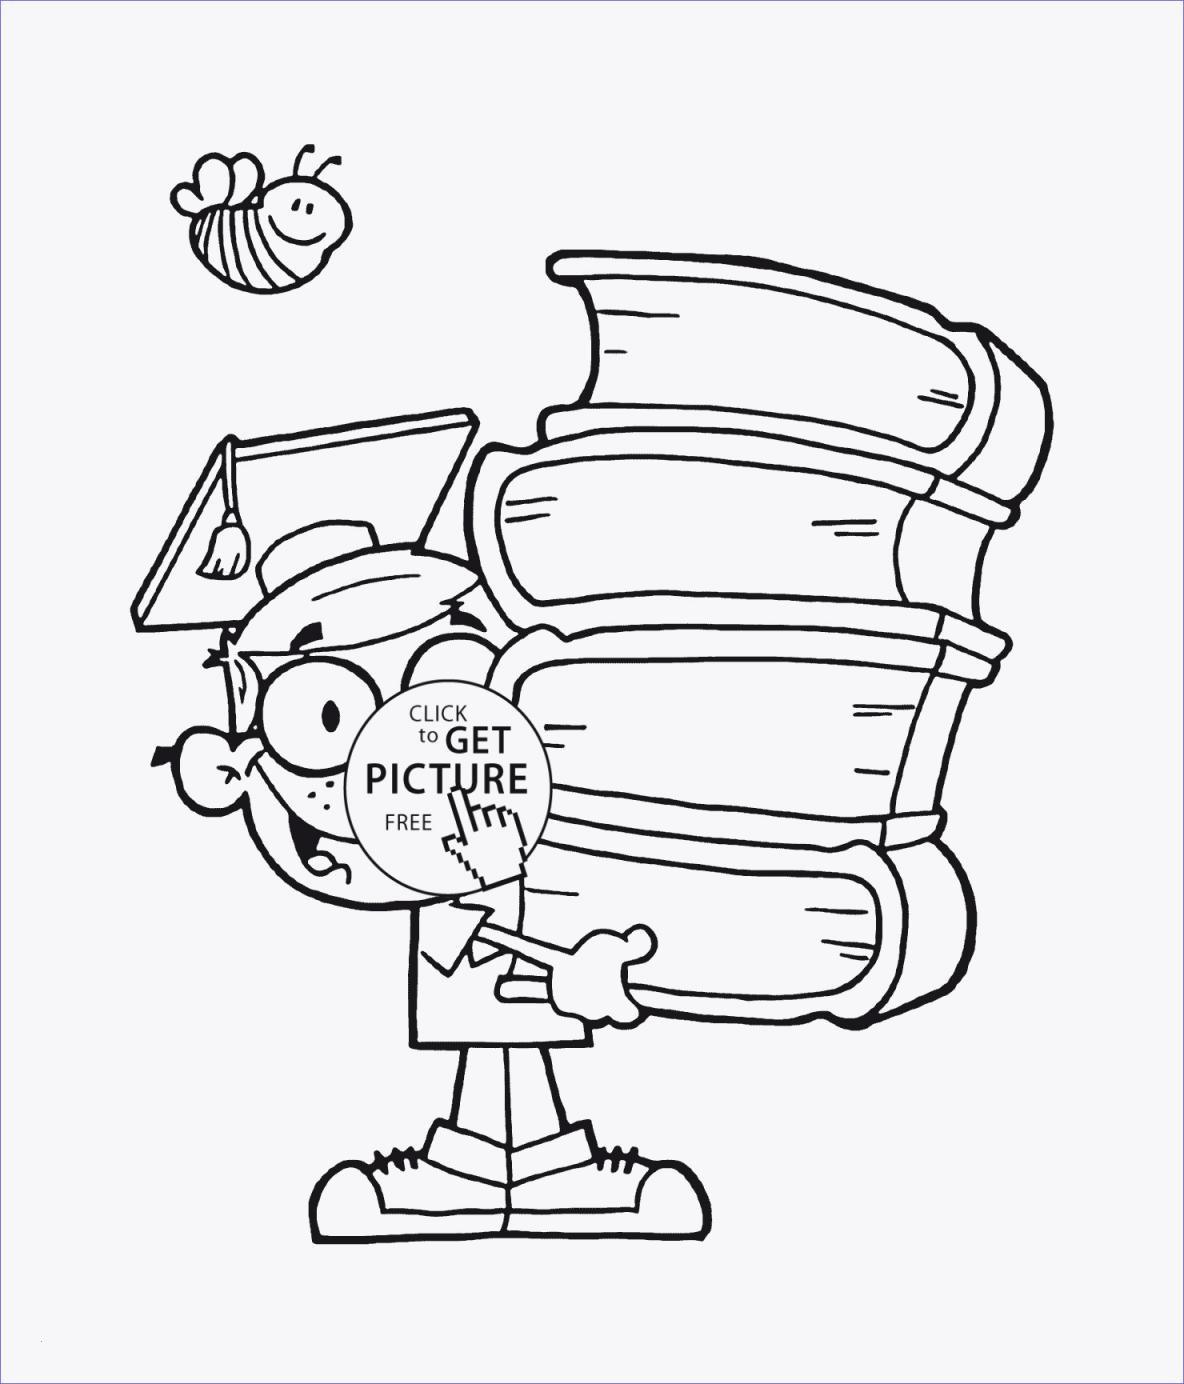 Einhorn Ausmalbilder Zum Ausdrucken Kostenlos Einzigartig Malvorlagen Einhorn Kostenlos Elegant Malvorlagen Igel Frisch Igel Fotos